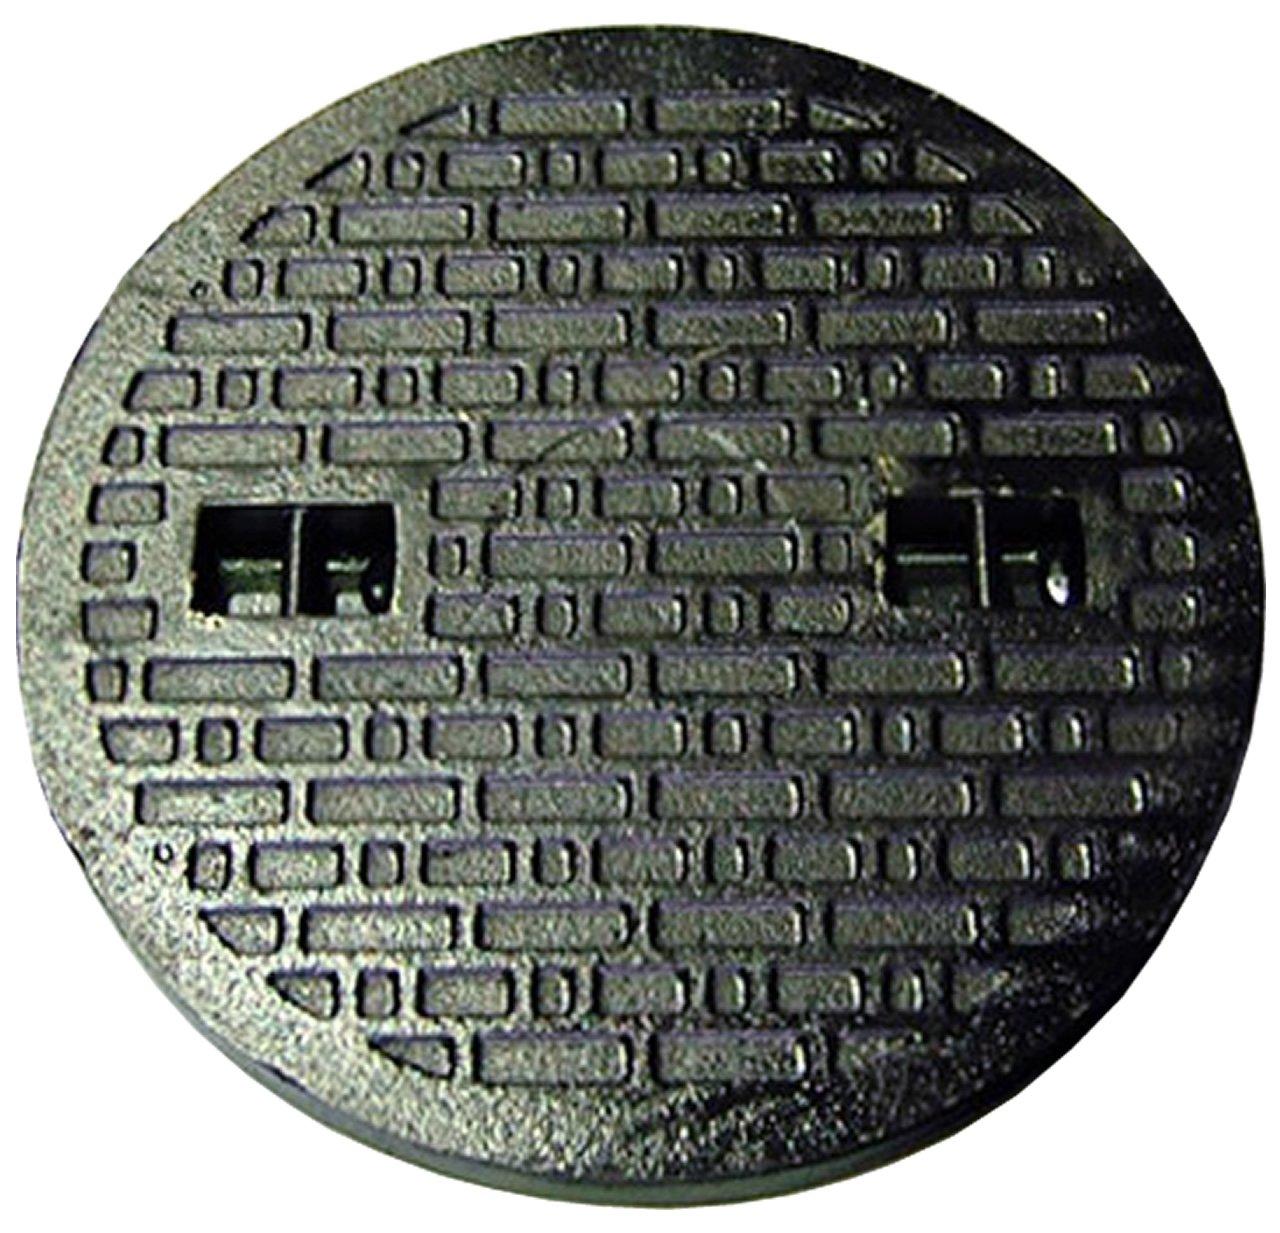 鋳鉄製 マンホール 浄化槽フタ 6t荷重マンホール 蓋のみ 穴径400mm (フタ径450mm) MK-6-400 B01I1M83WK 27263 穴径400mm  穴径400mm